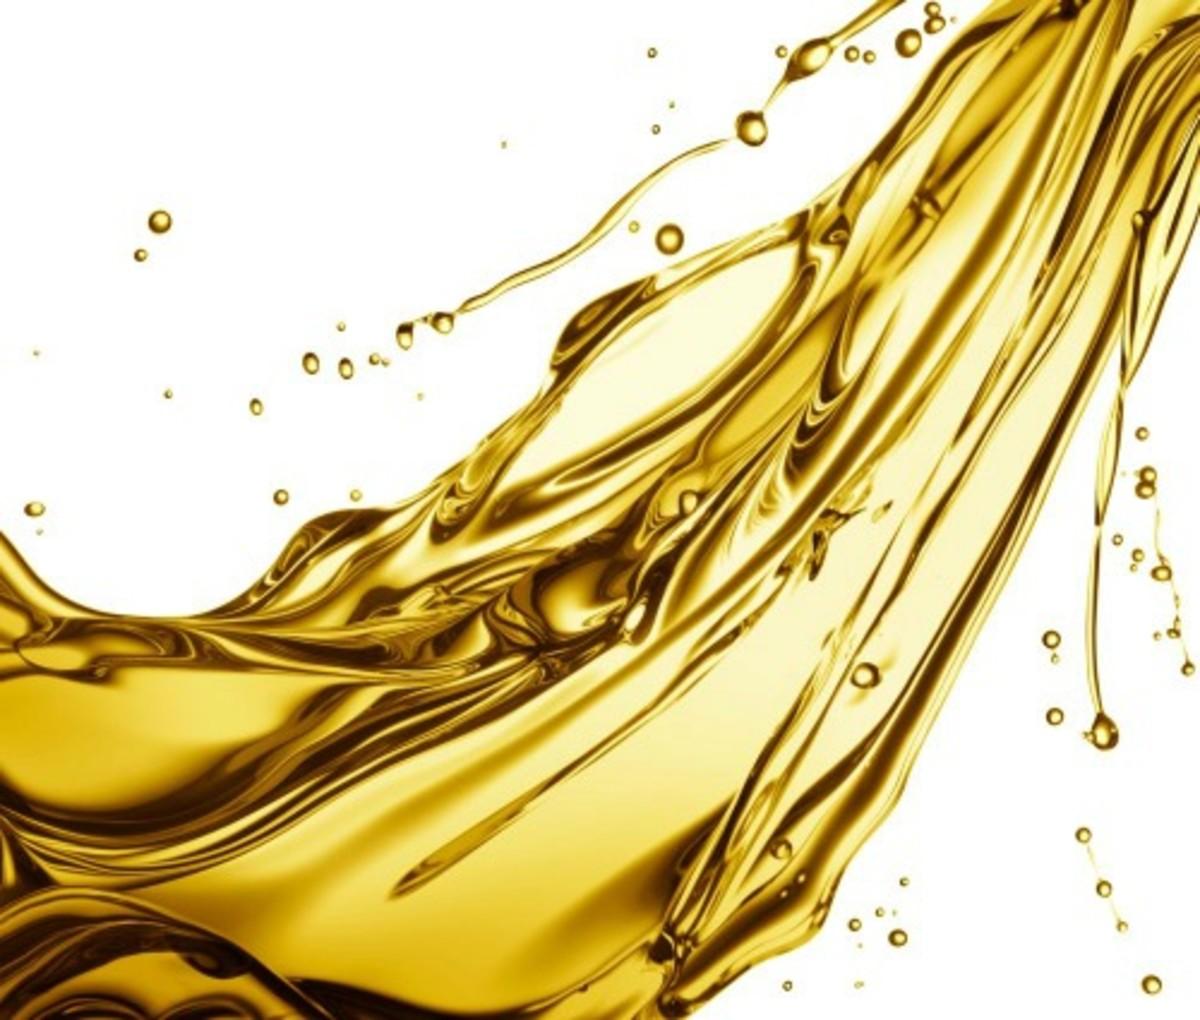 Oil Cleansing Method for Dry Winter Skin